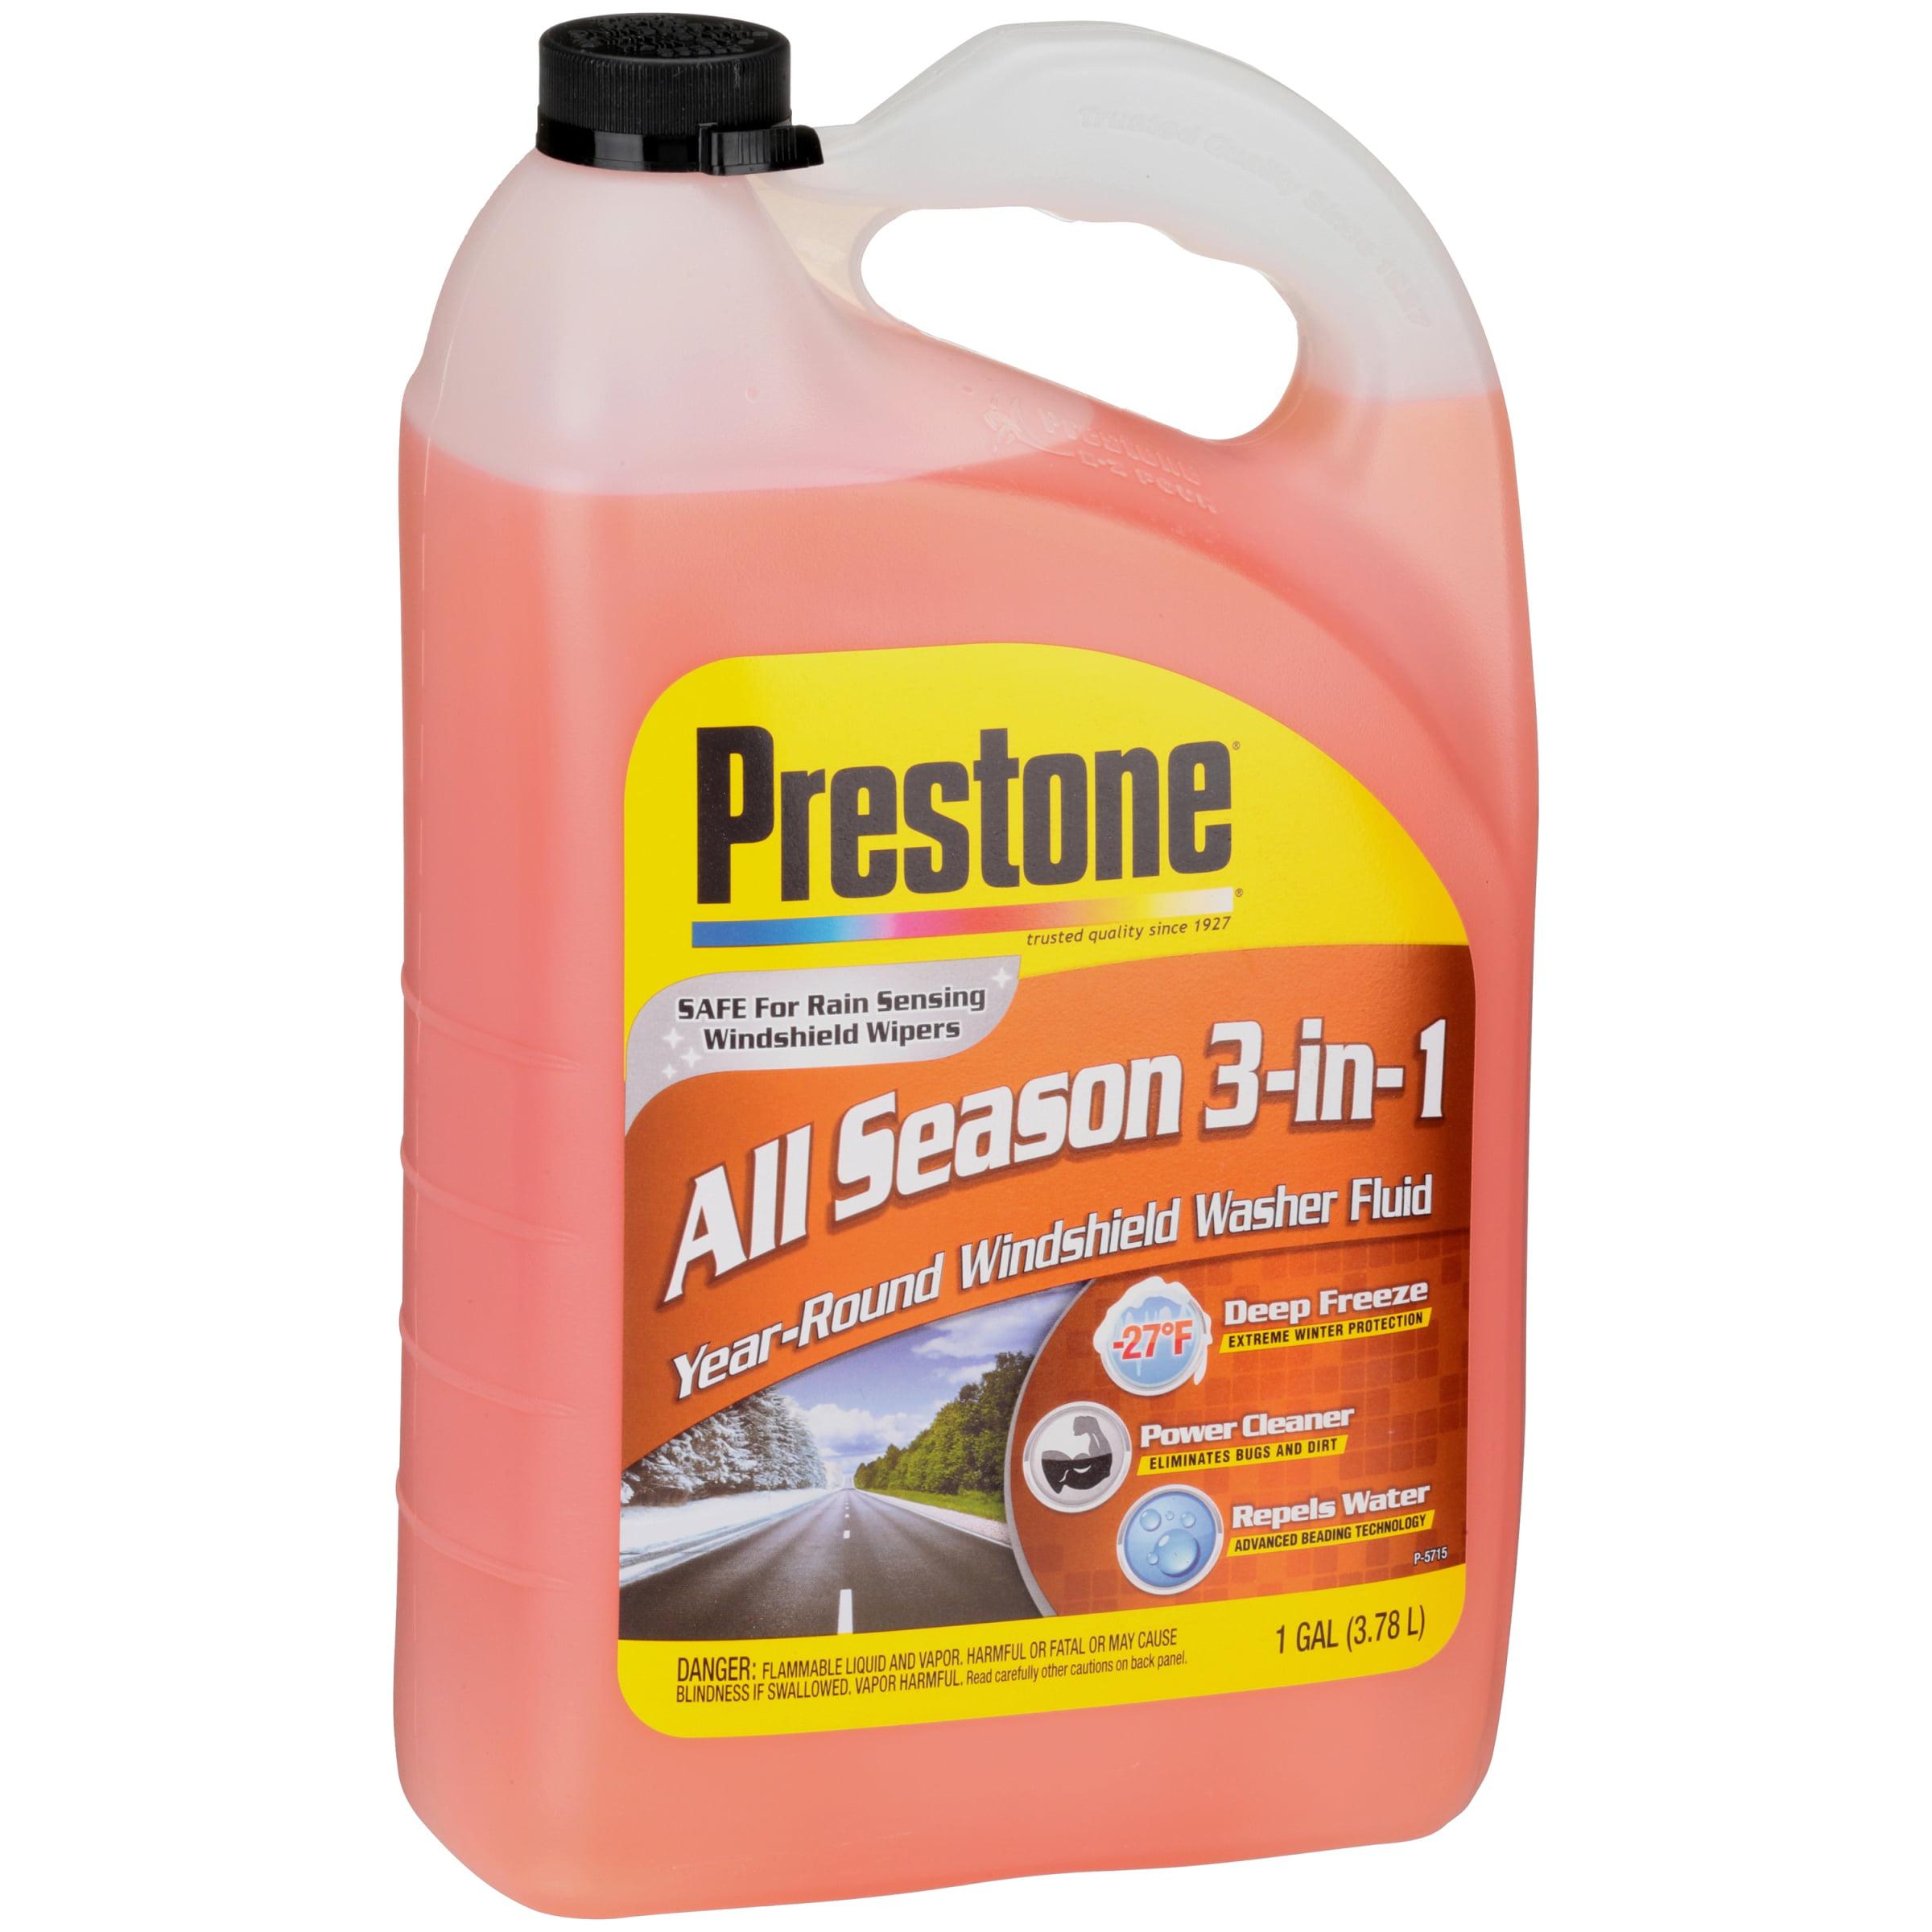 Prestone Deluxe Windshield Washer Fluid